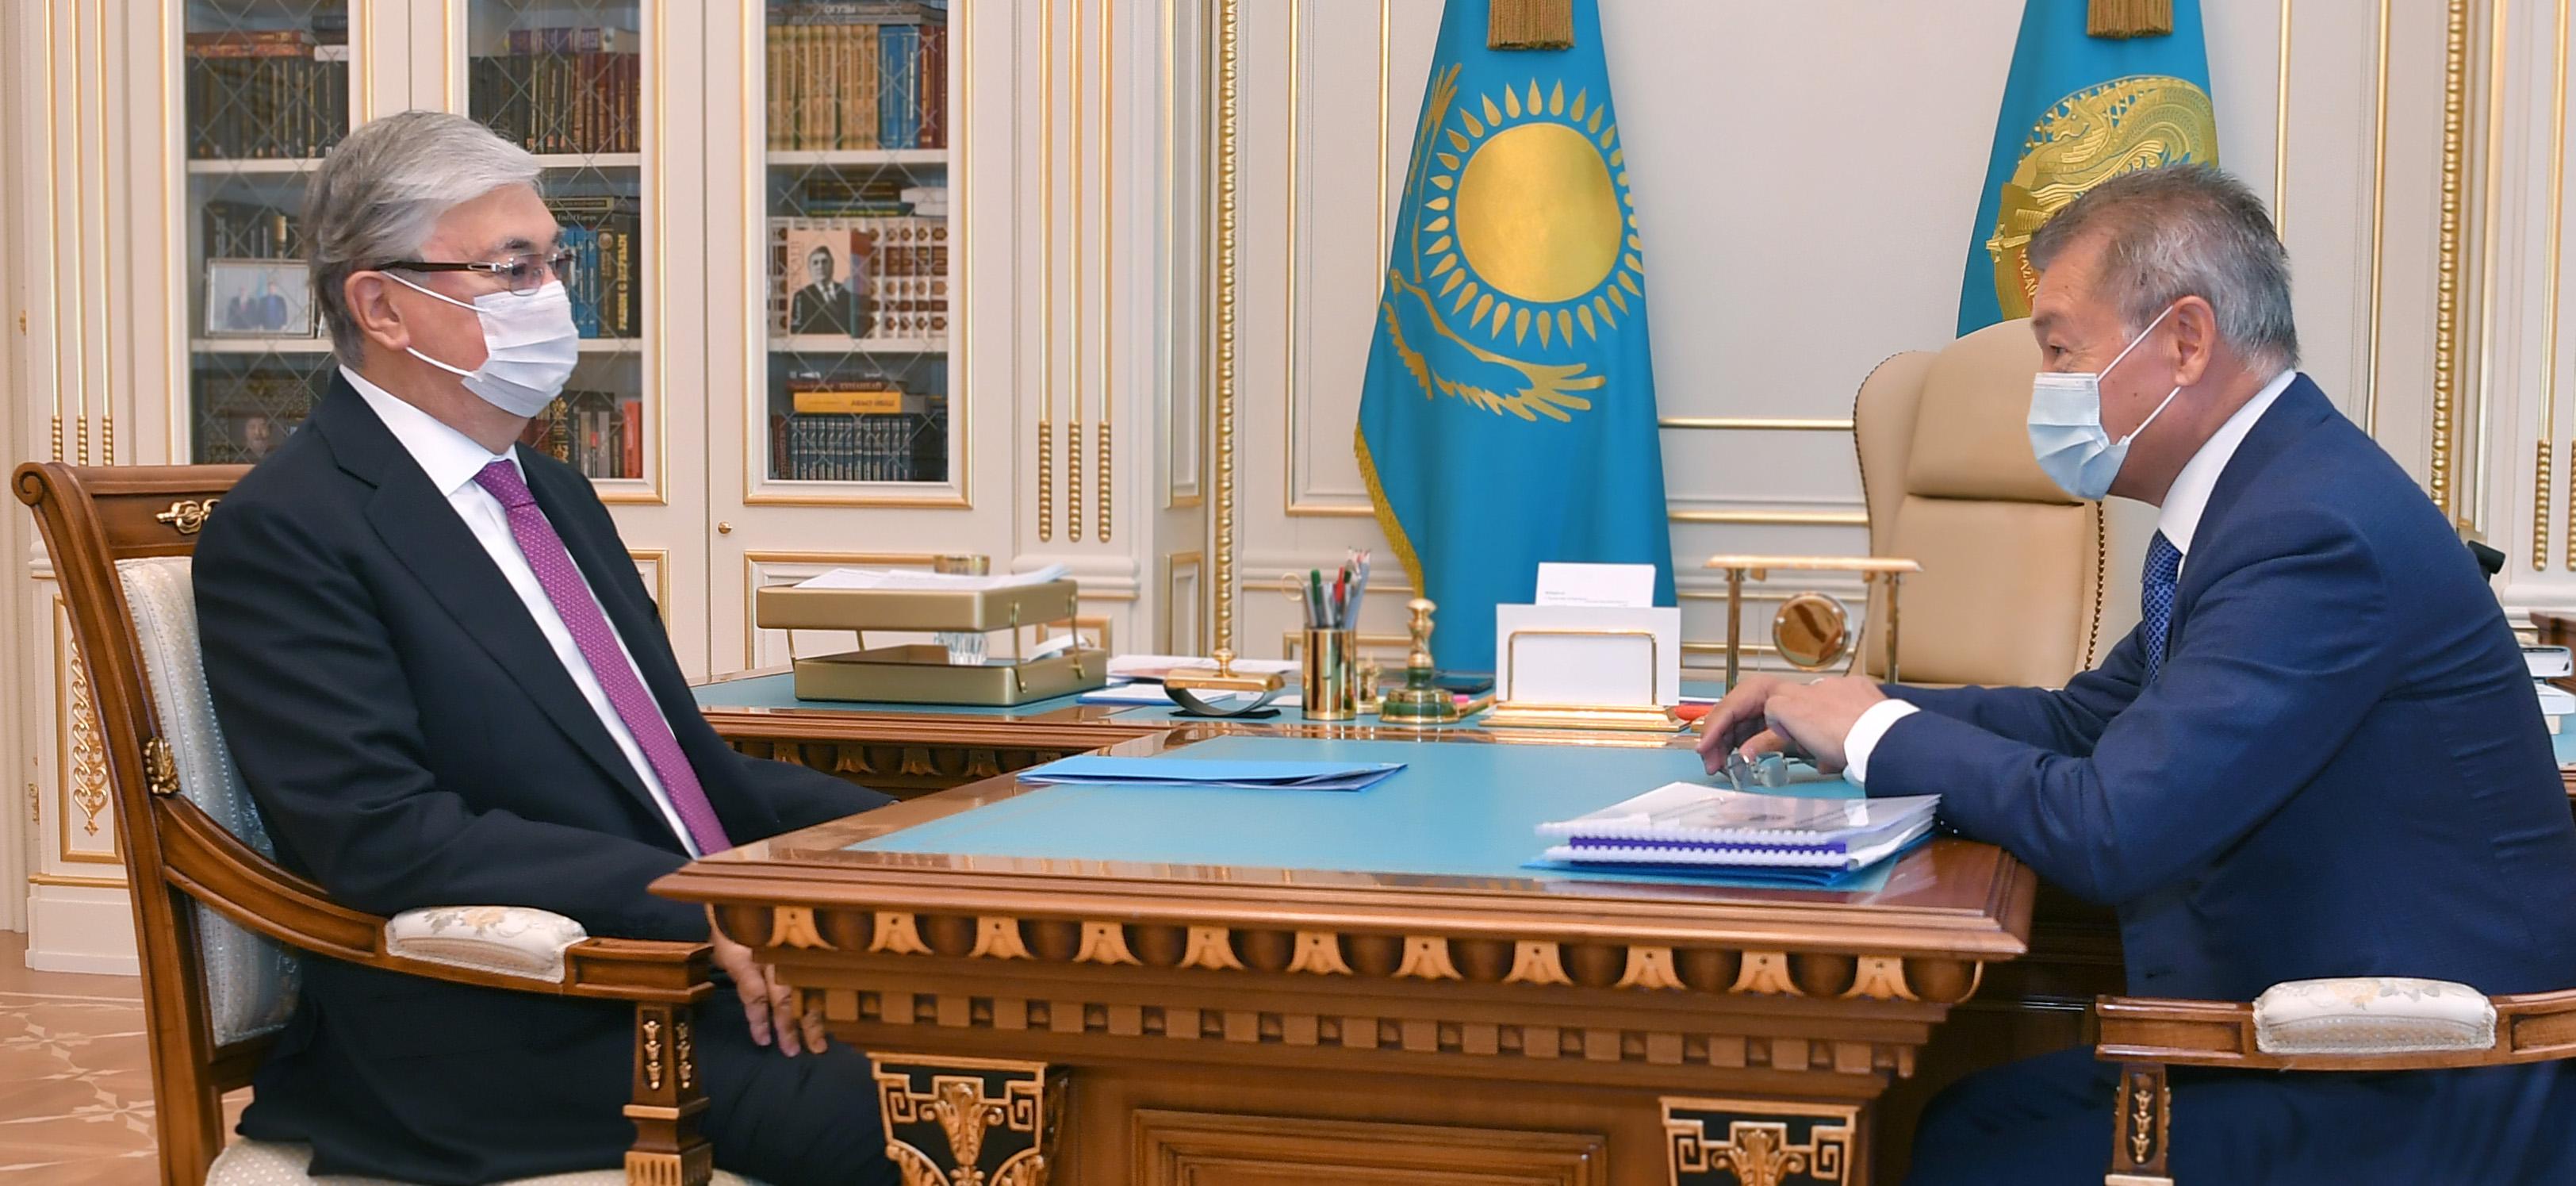 Токаев дал ряд поручений главам Актюбинской и Восточно-Казахстанской областей по дальнейшему развитию регионов